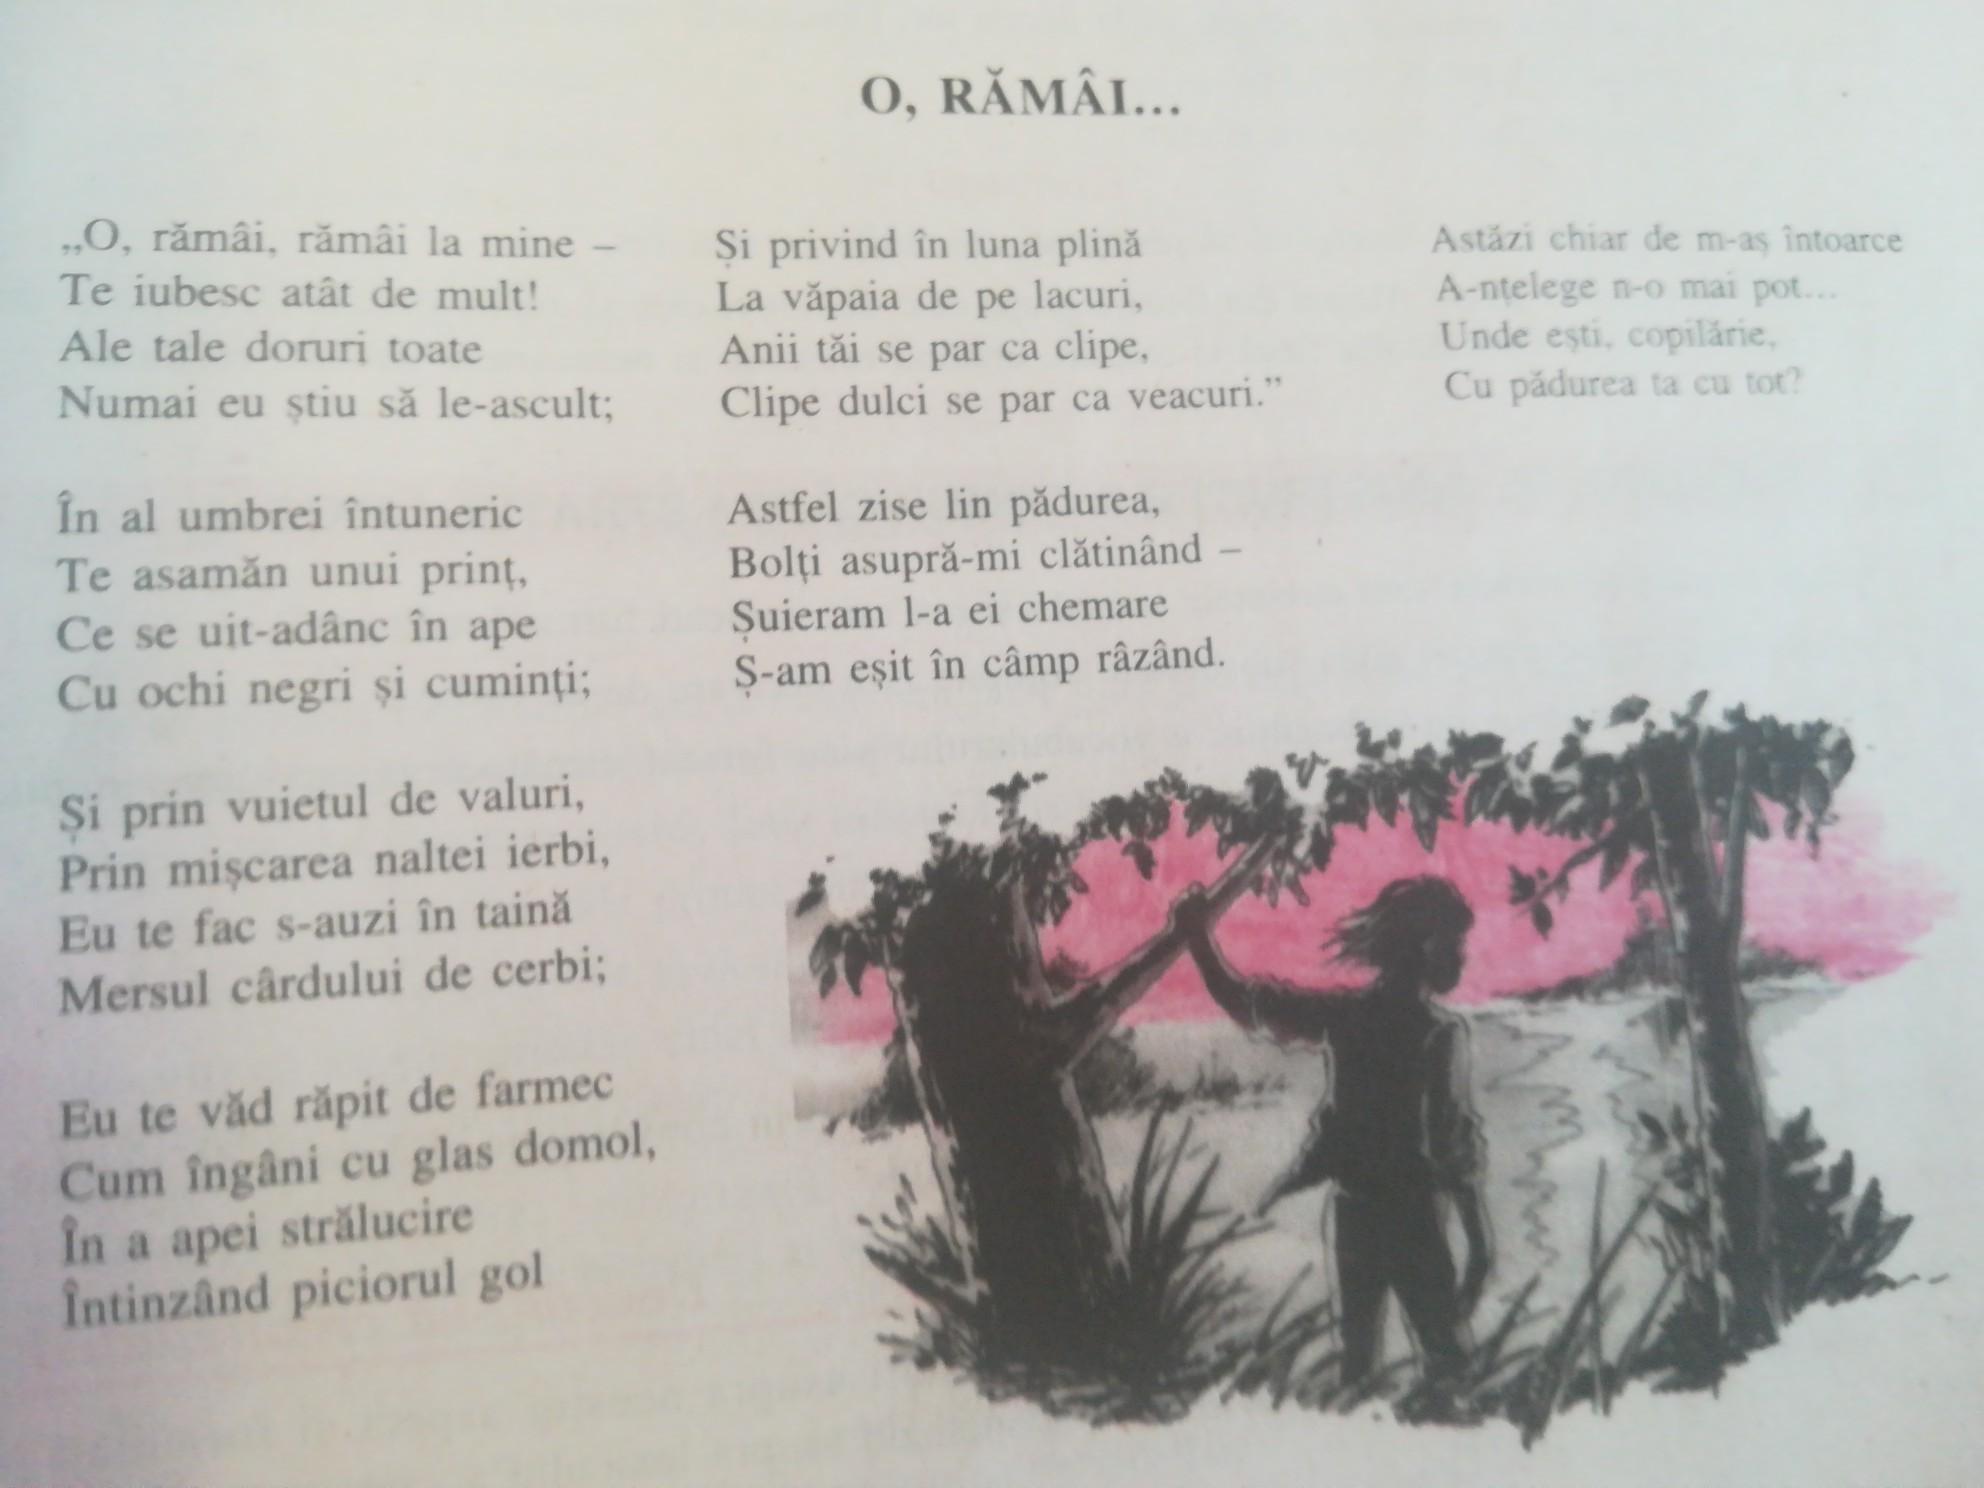 O, rămâi…-poezie eminesciană